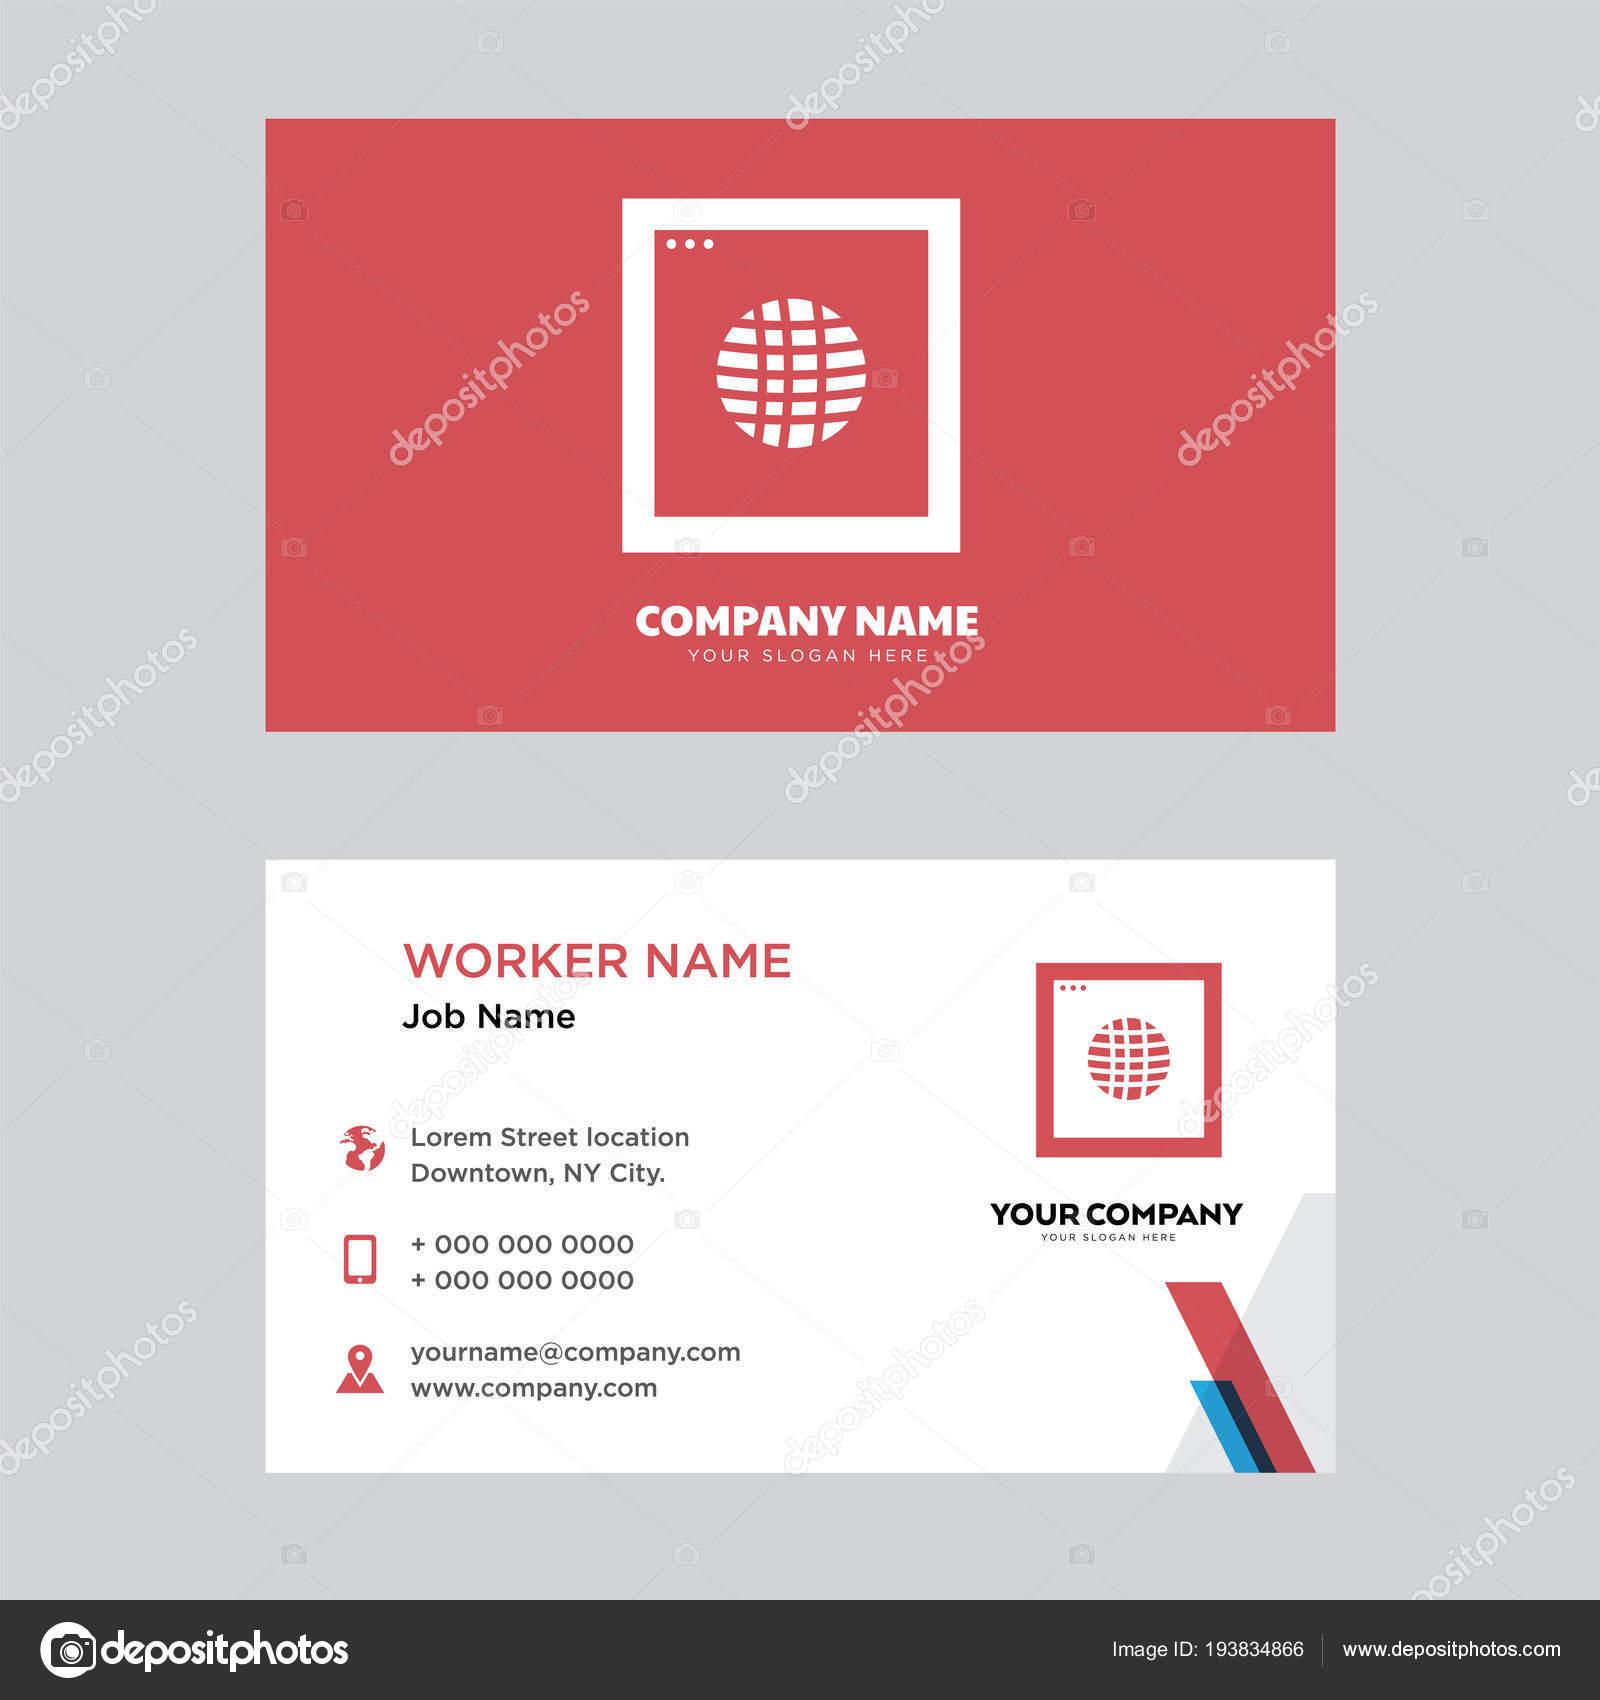 Internet business card design stock vector vectorbest 193834866 internet business card design stock vector colourmoves